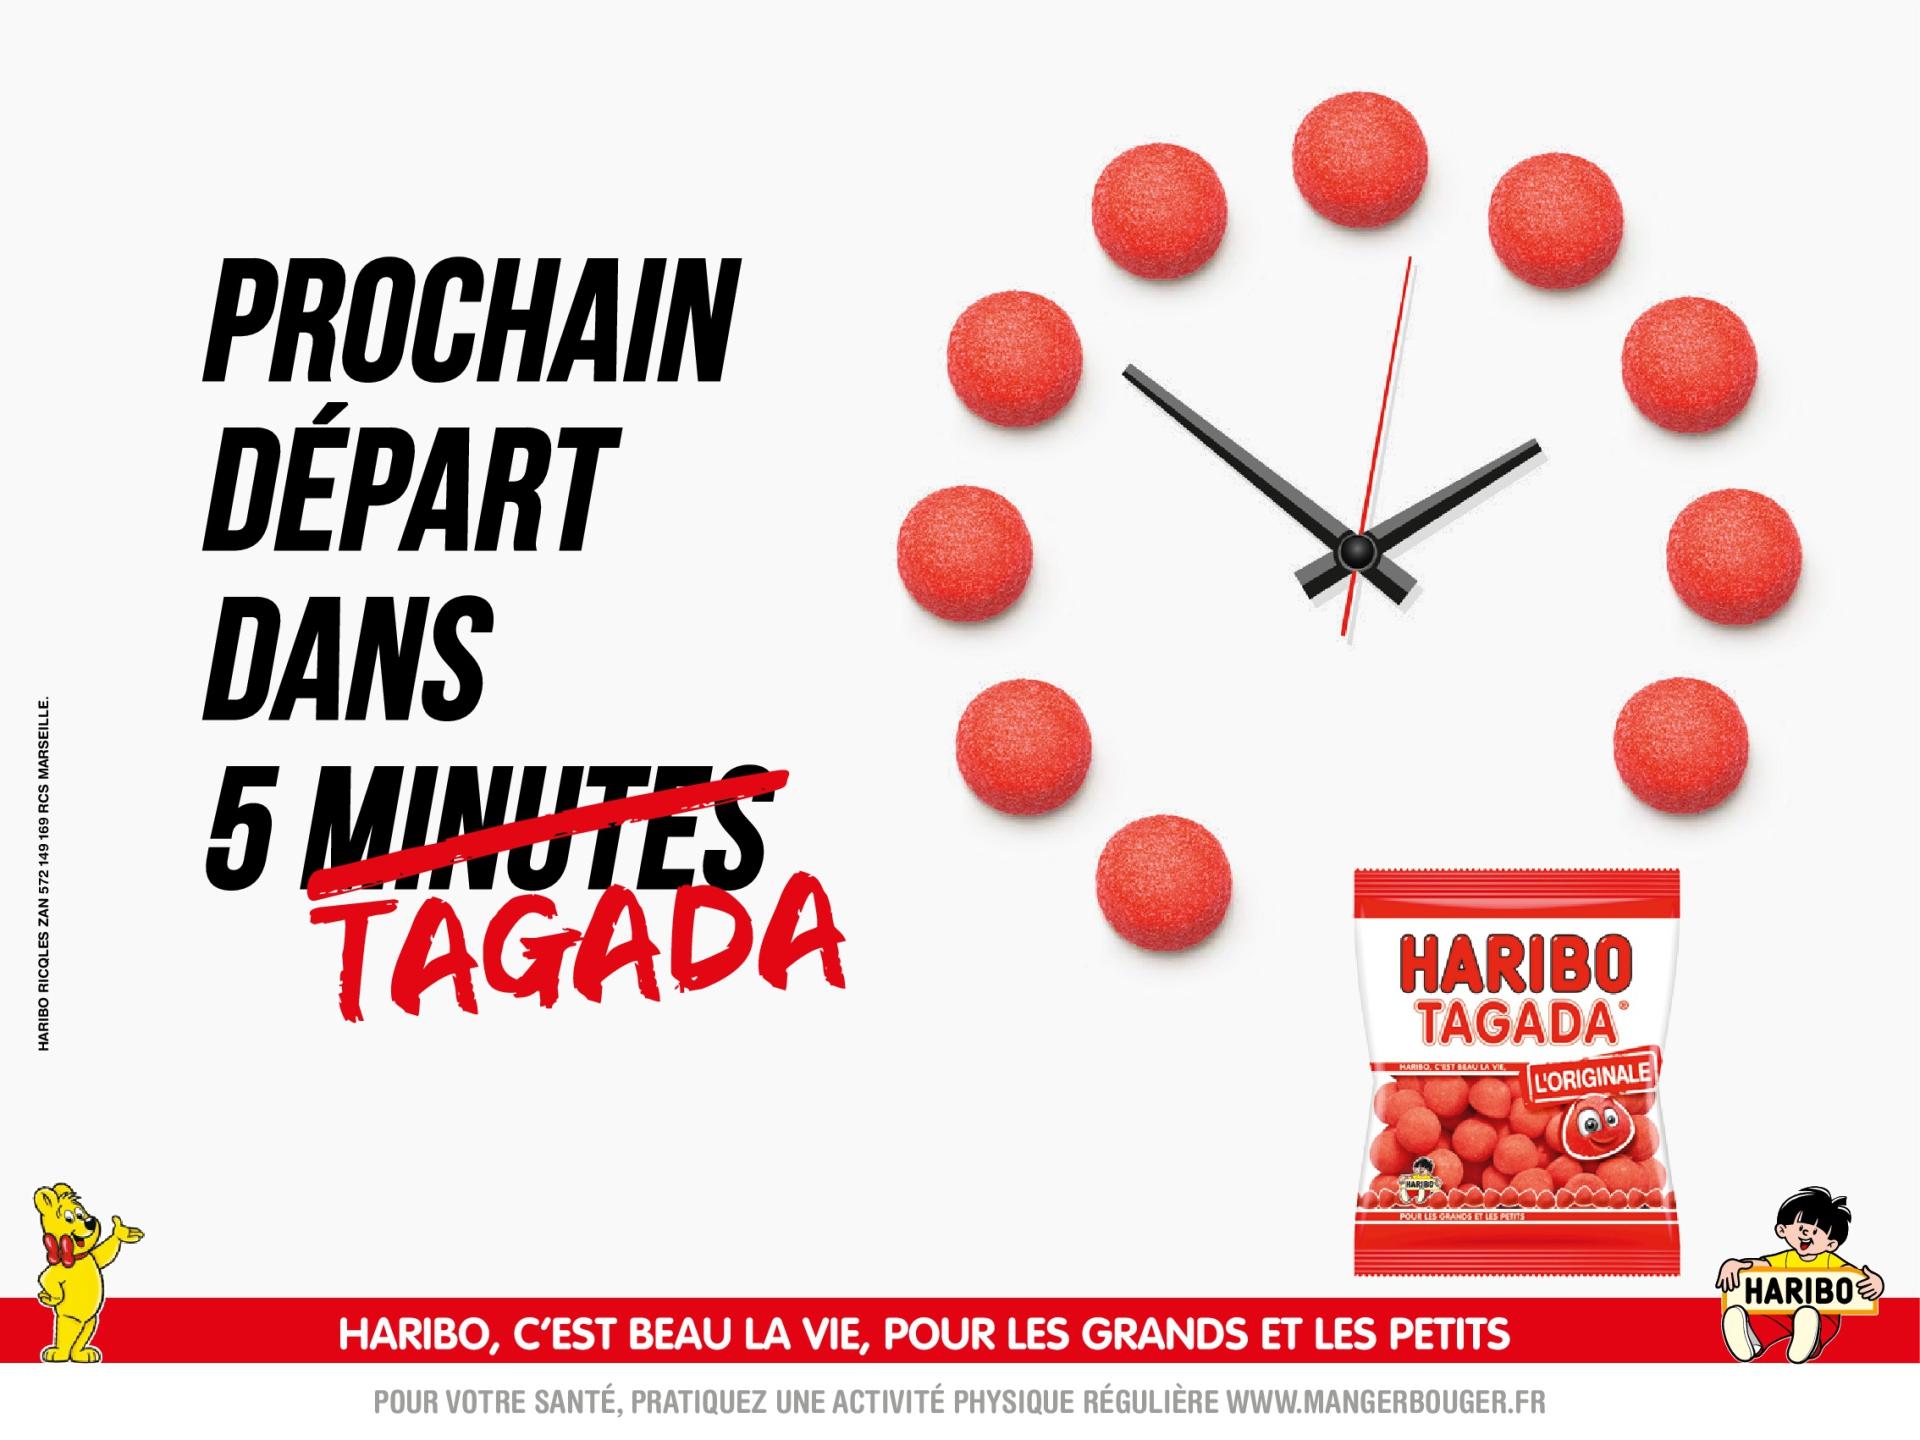 Prenez Le Train Du Bon Cot Avec TAGADA Campagne D